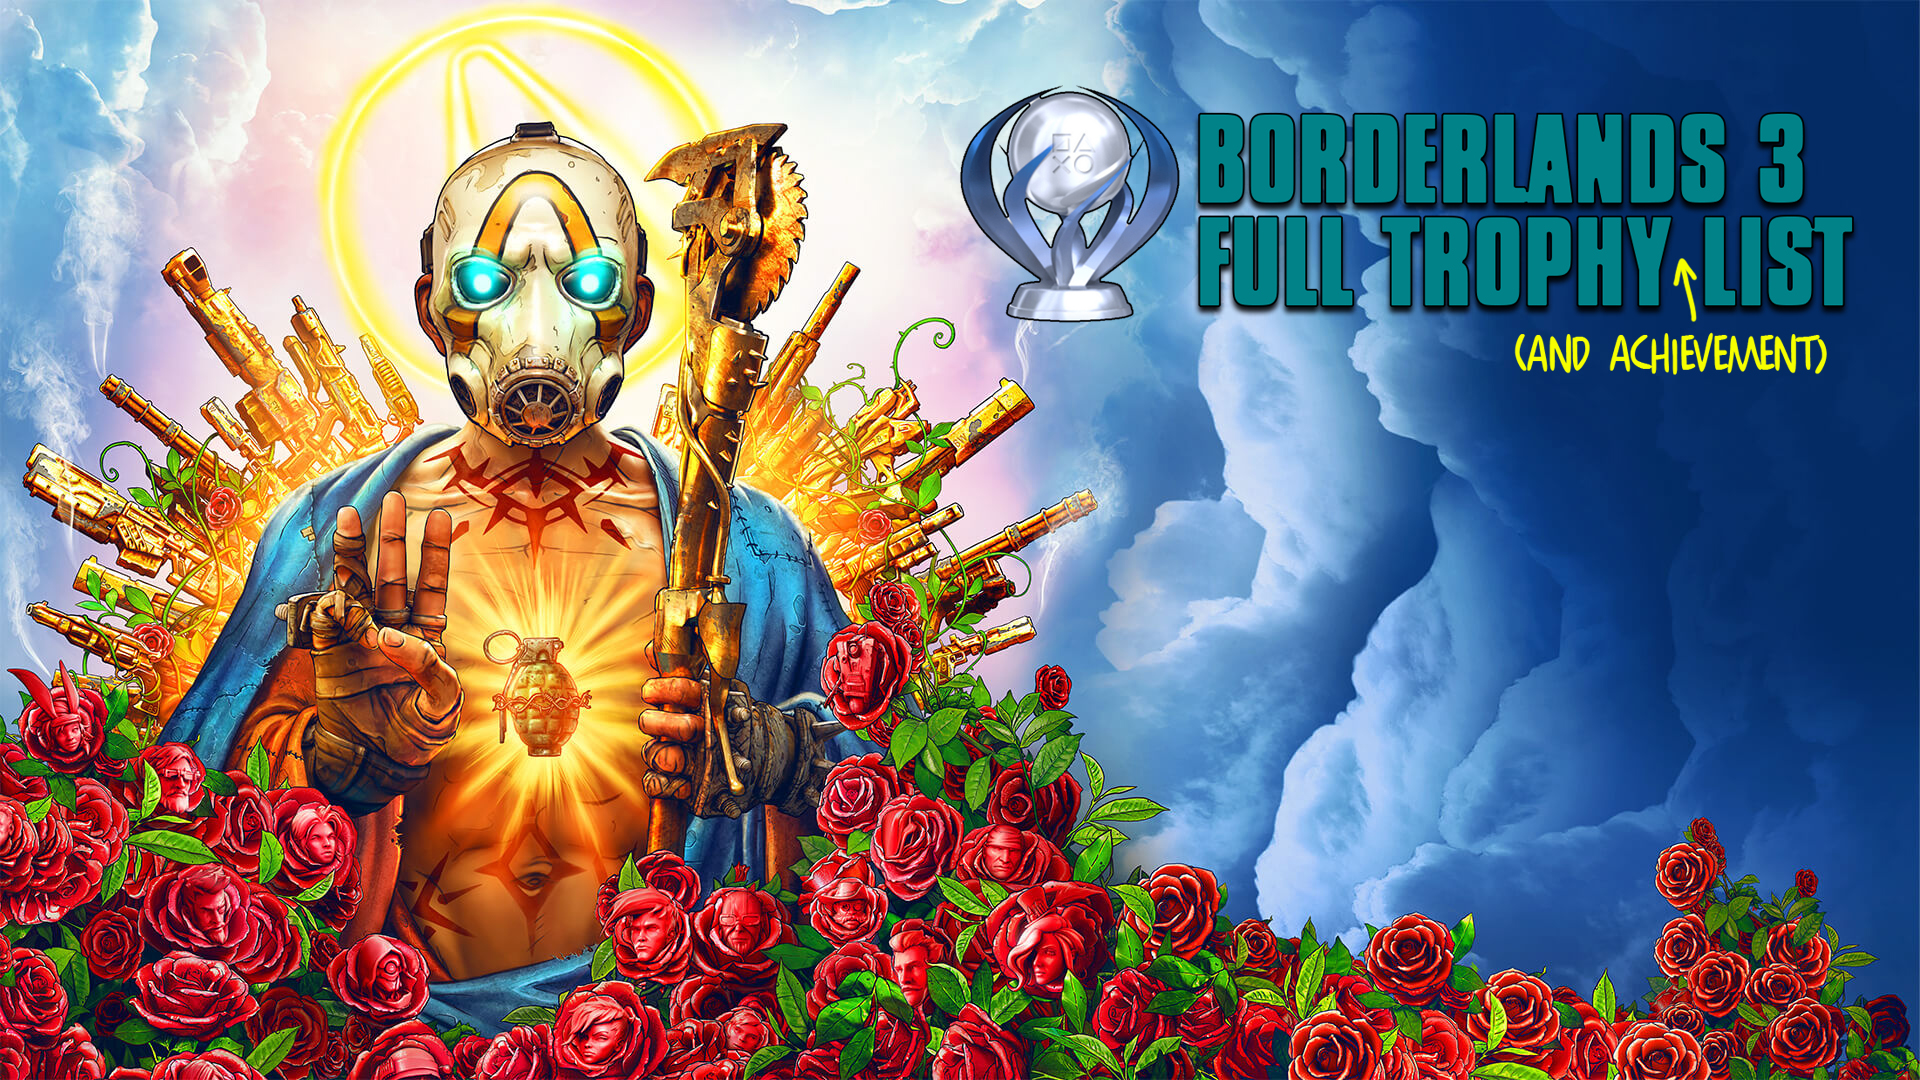 Borderlands 2 Complete FAQ/Guide - XboxAchievements.com